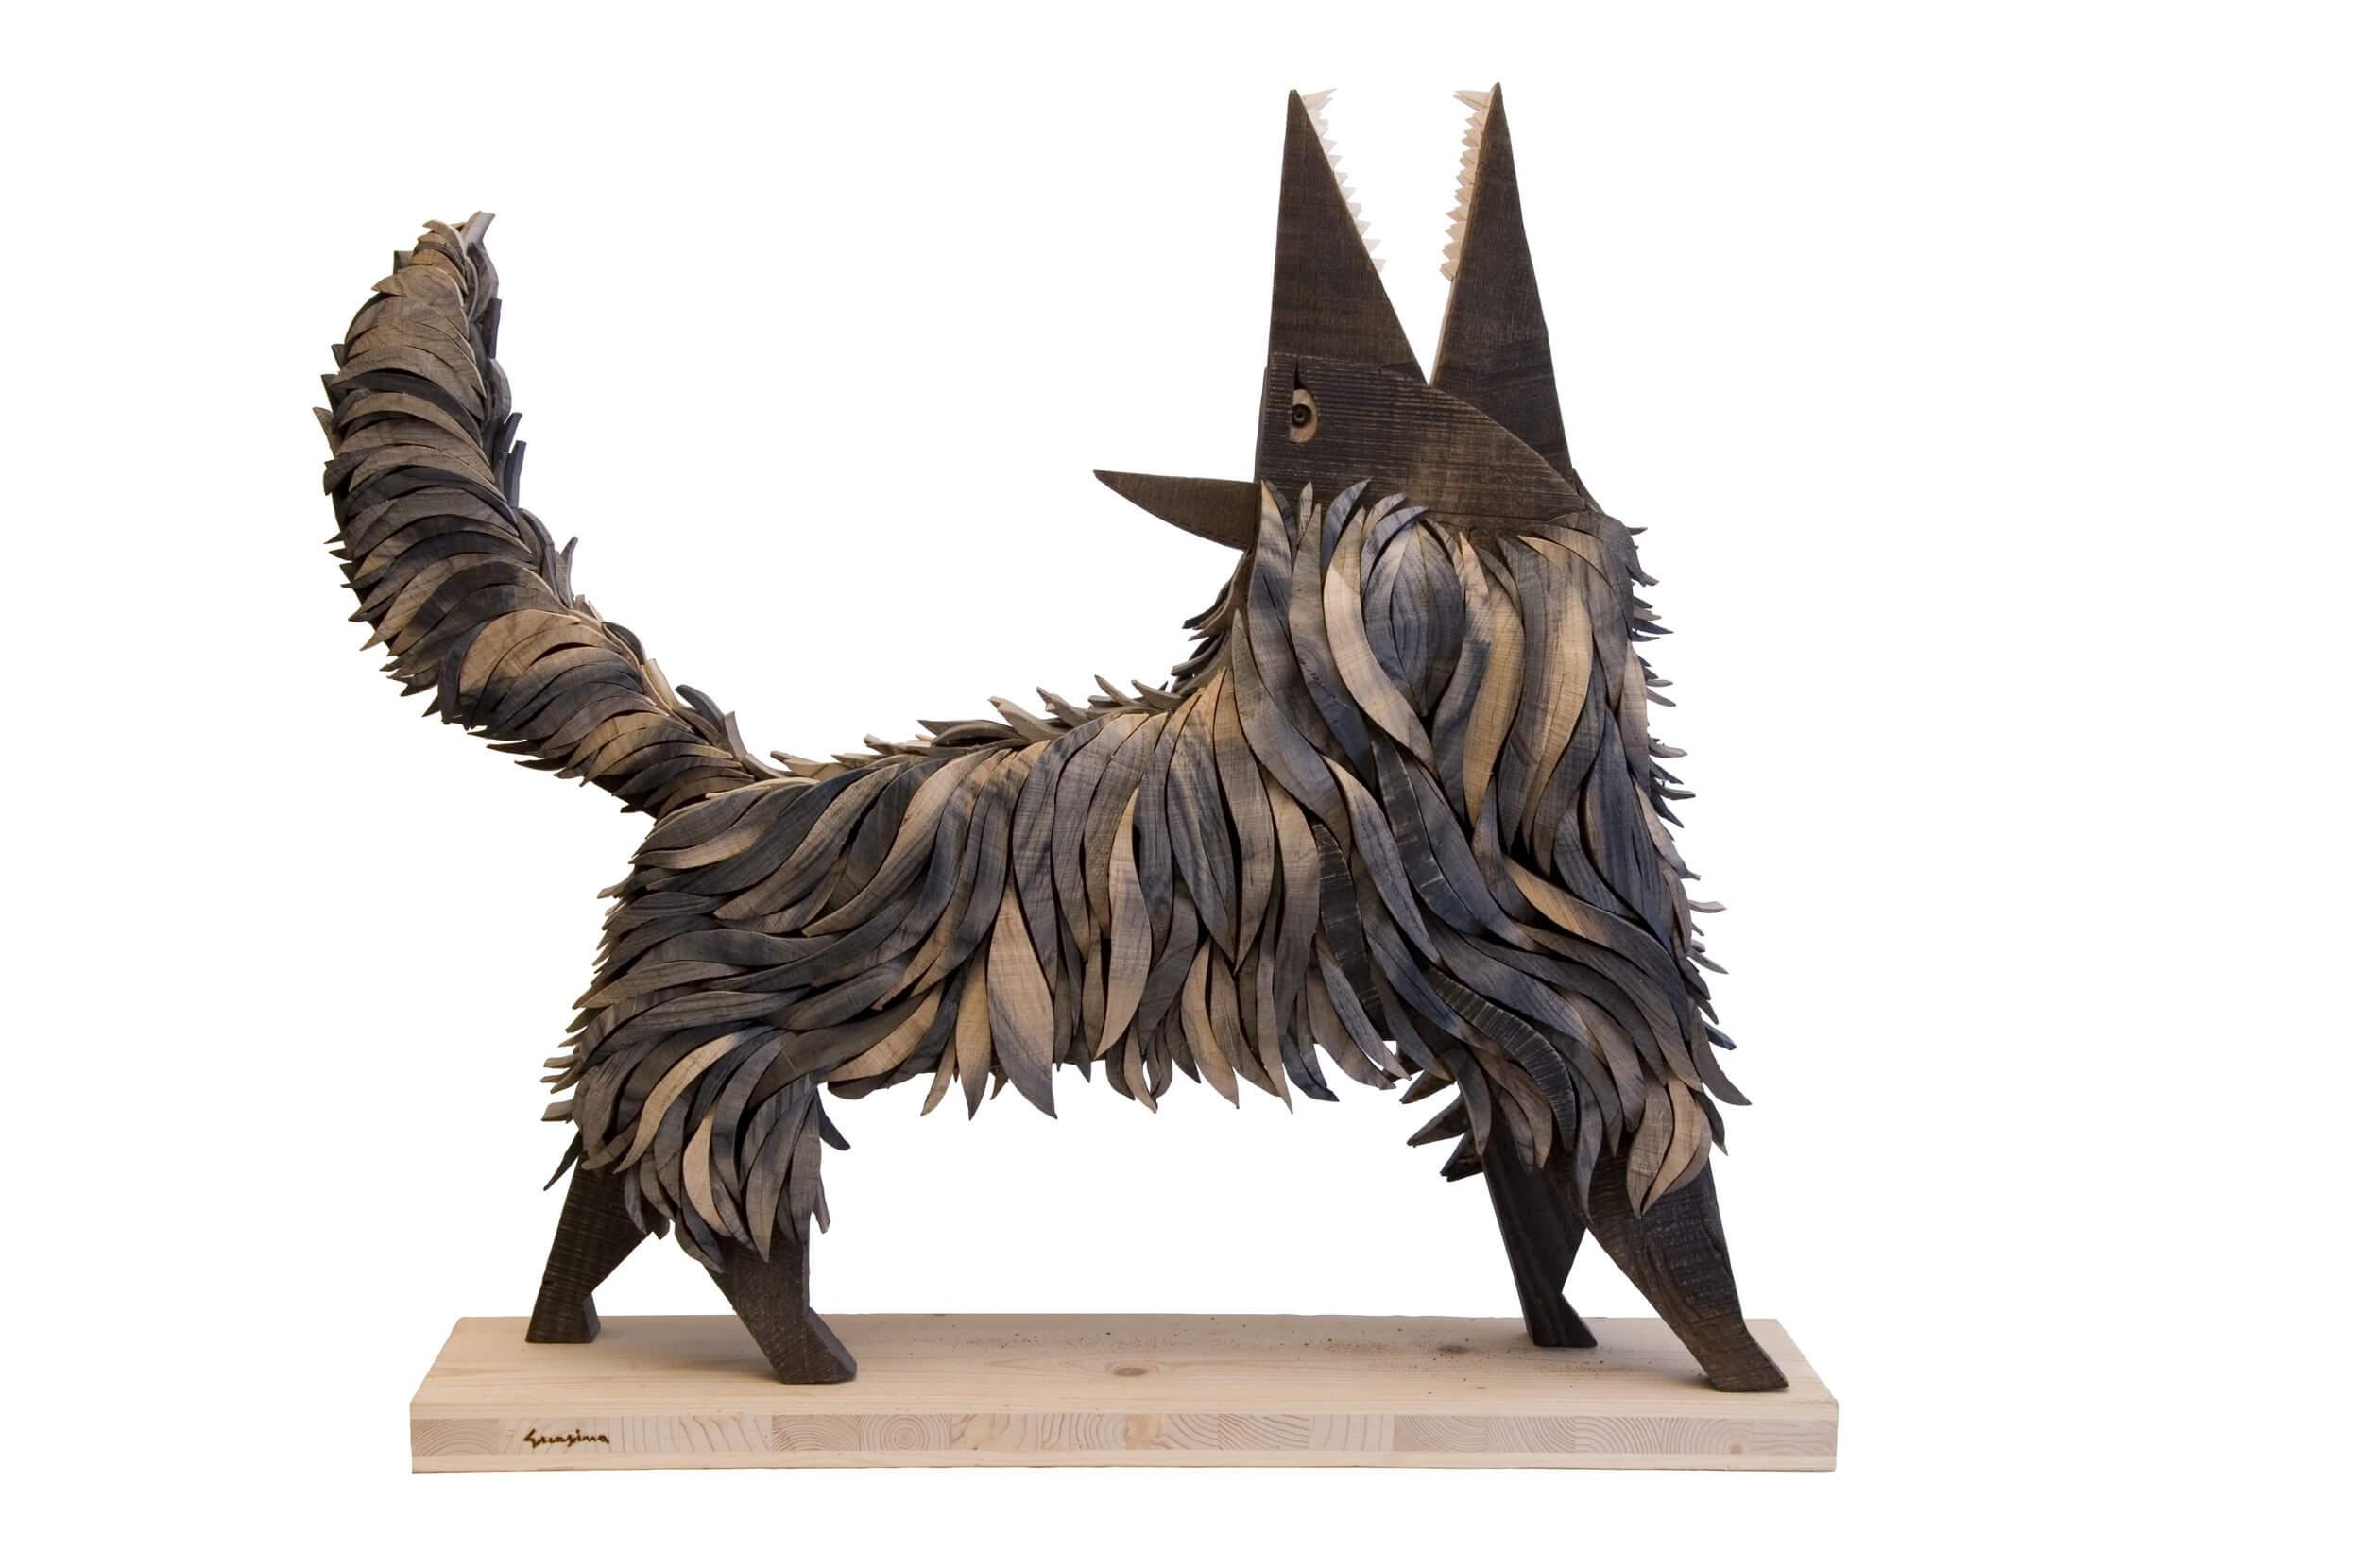 Scultura in legno Lupo nero - Dimensione media 75 x 20 x 67  cm (b x p x h)